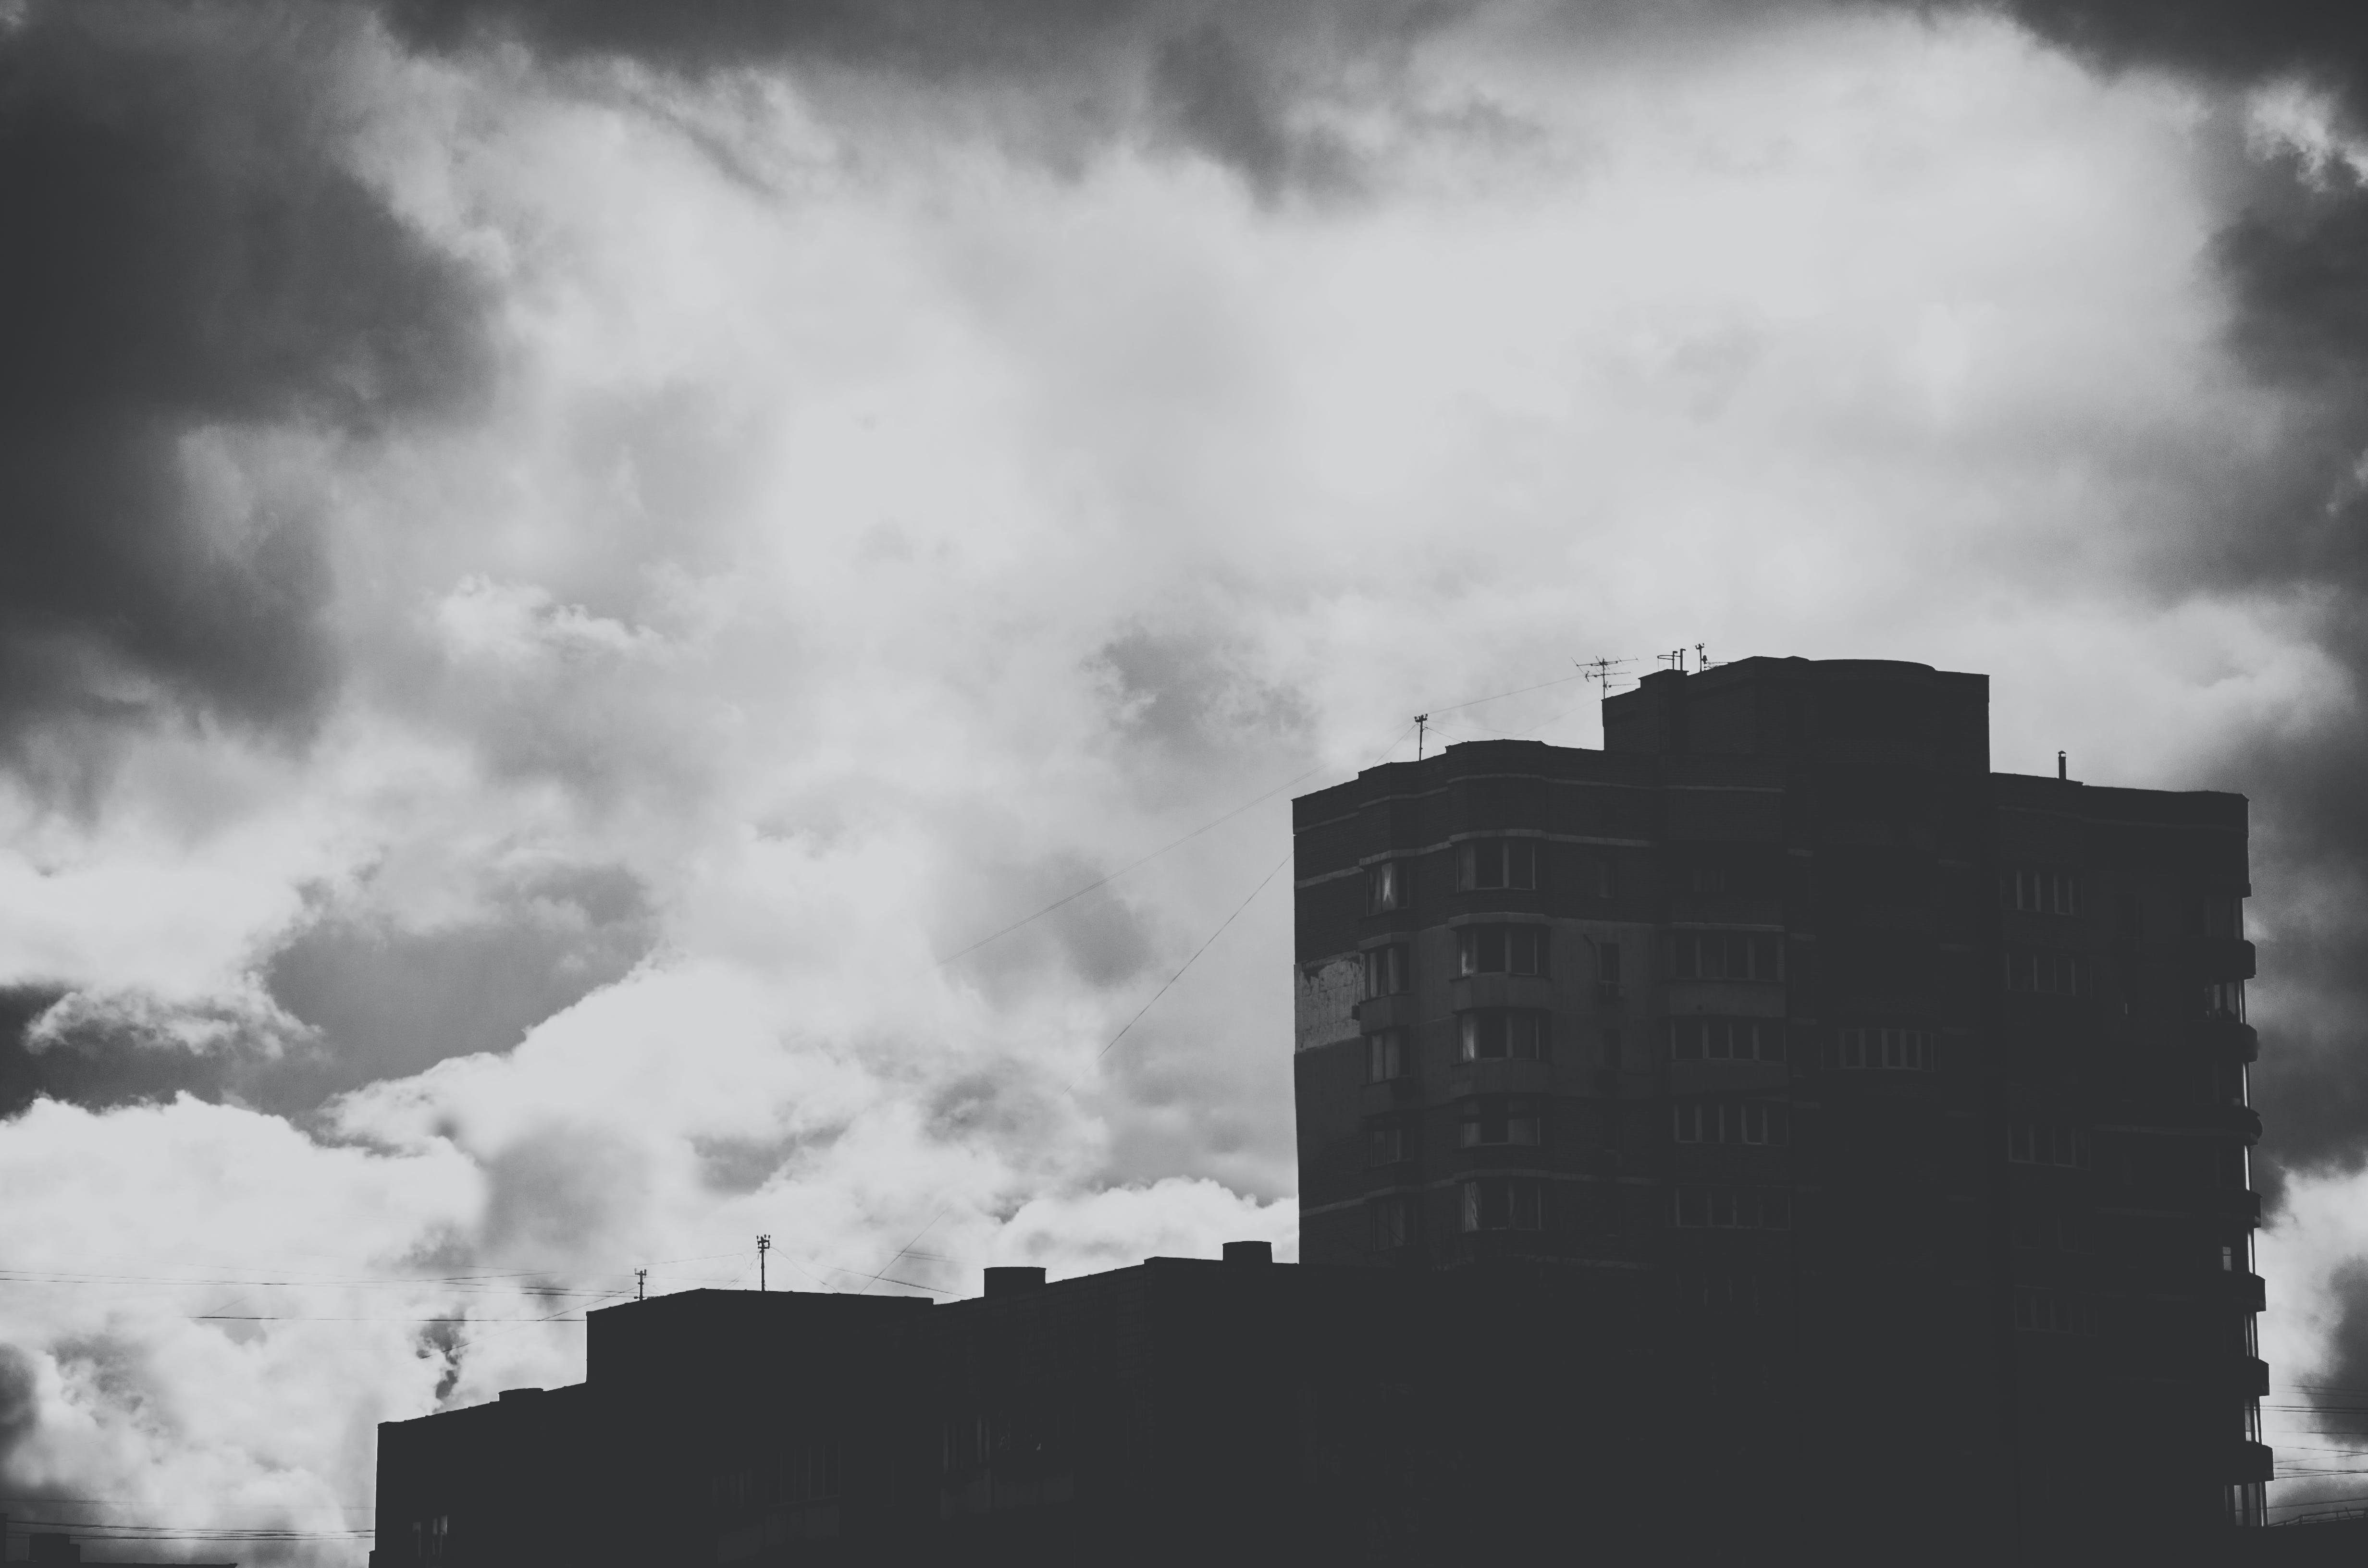 gebäude, schwarz und weiß, stadt